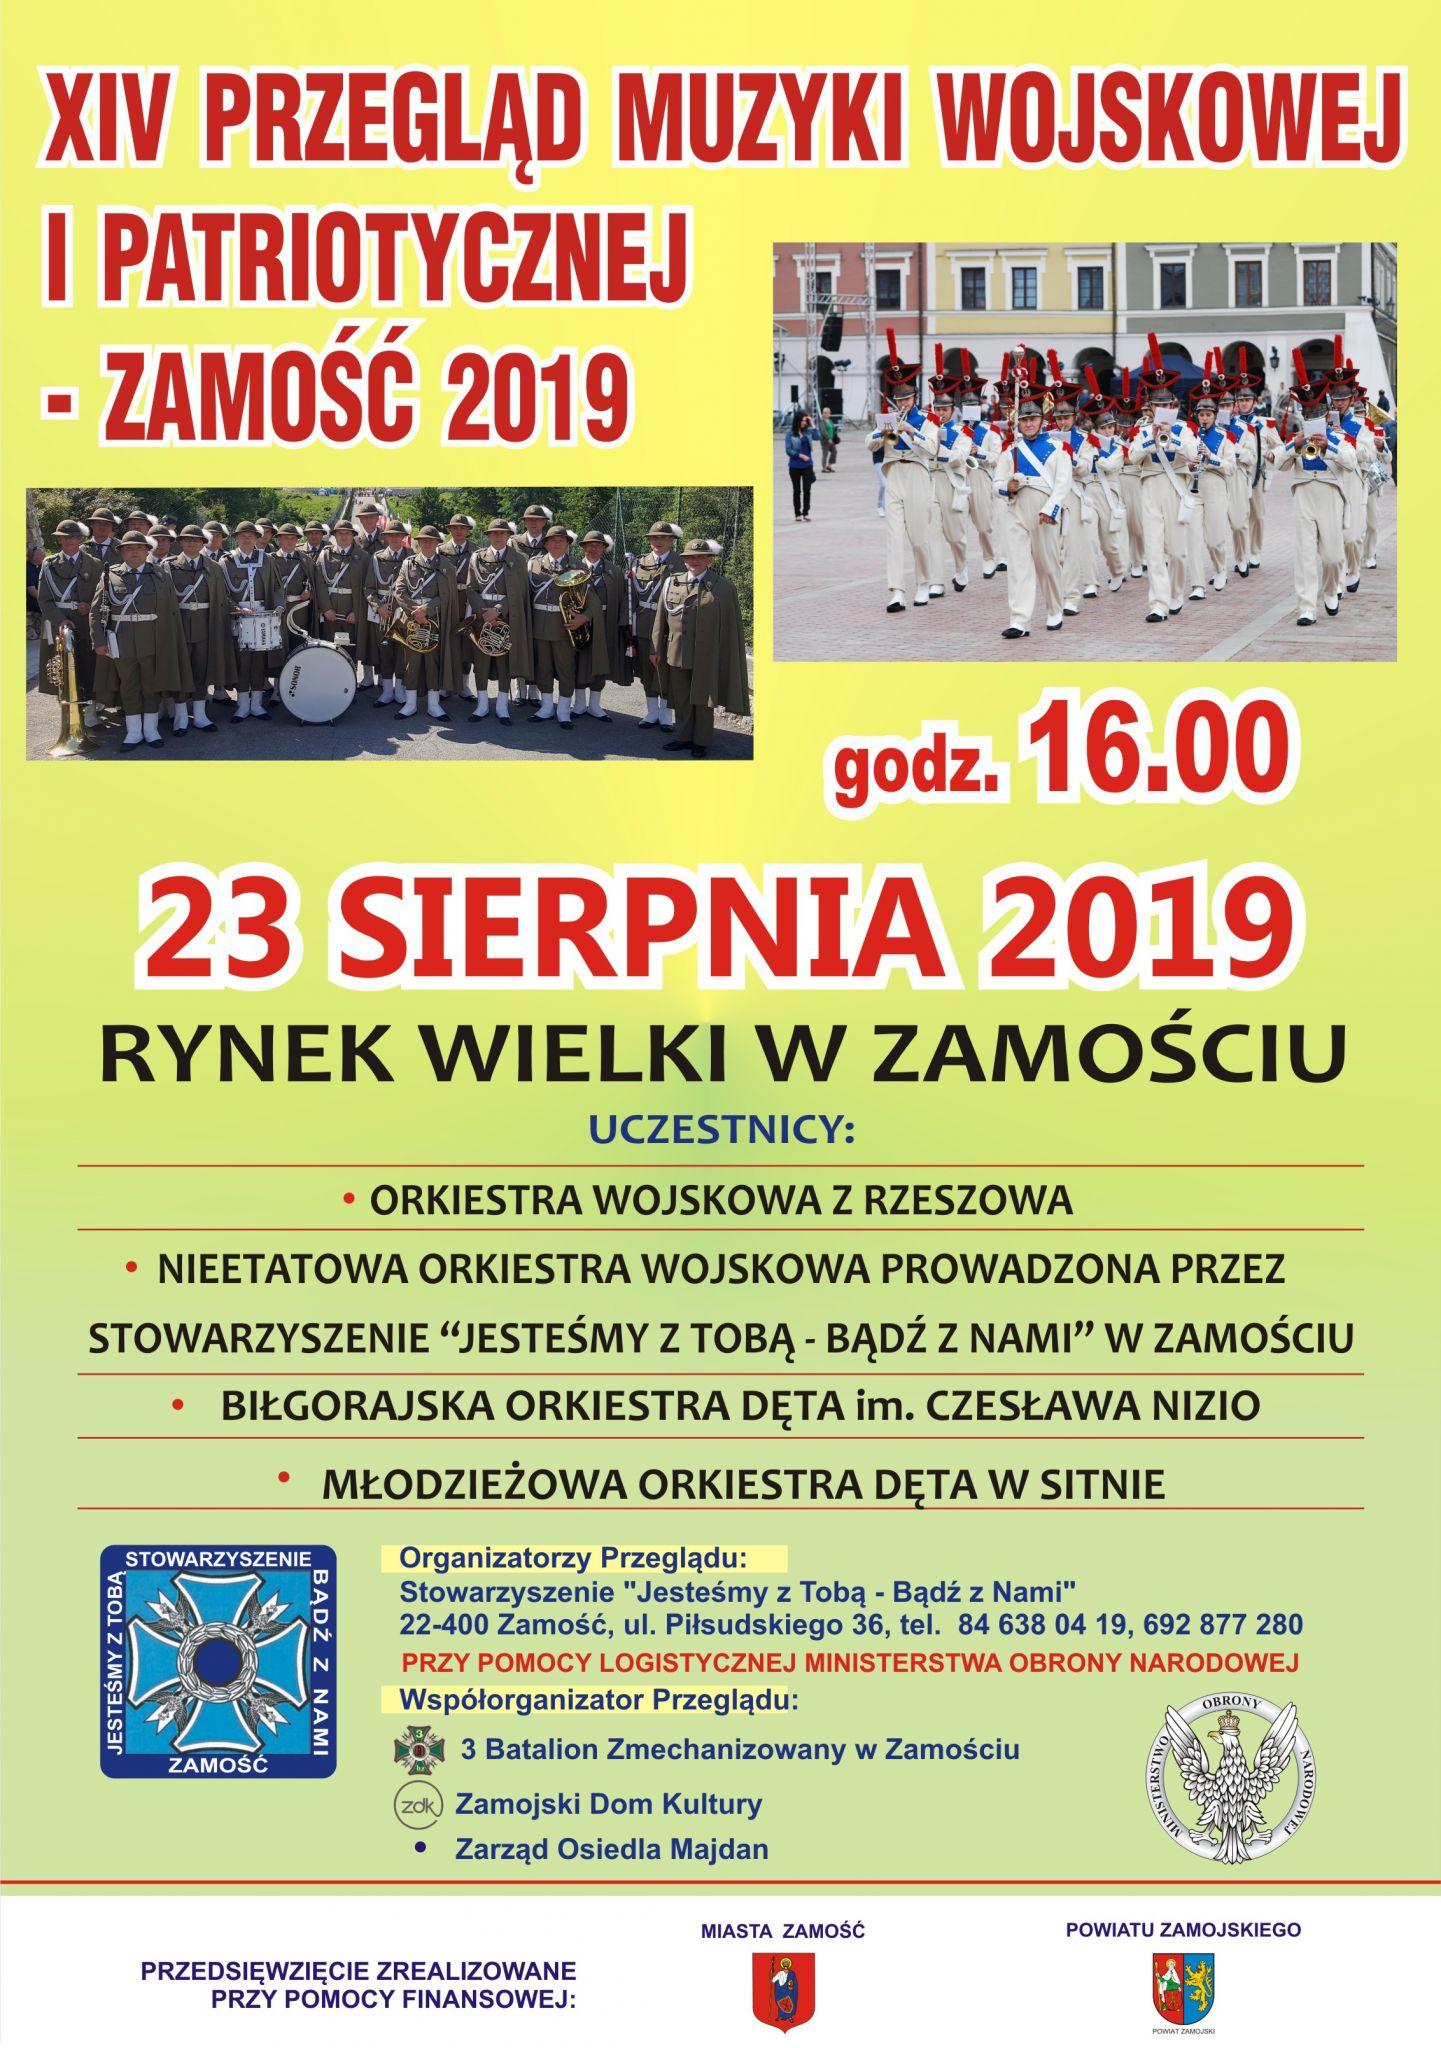 2019 plakat orkiestra Zamość: Przed nami XVI Przegląd Muzyki Wojskowej i Patriotycznej